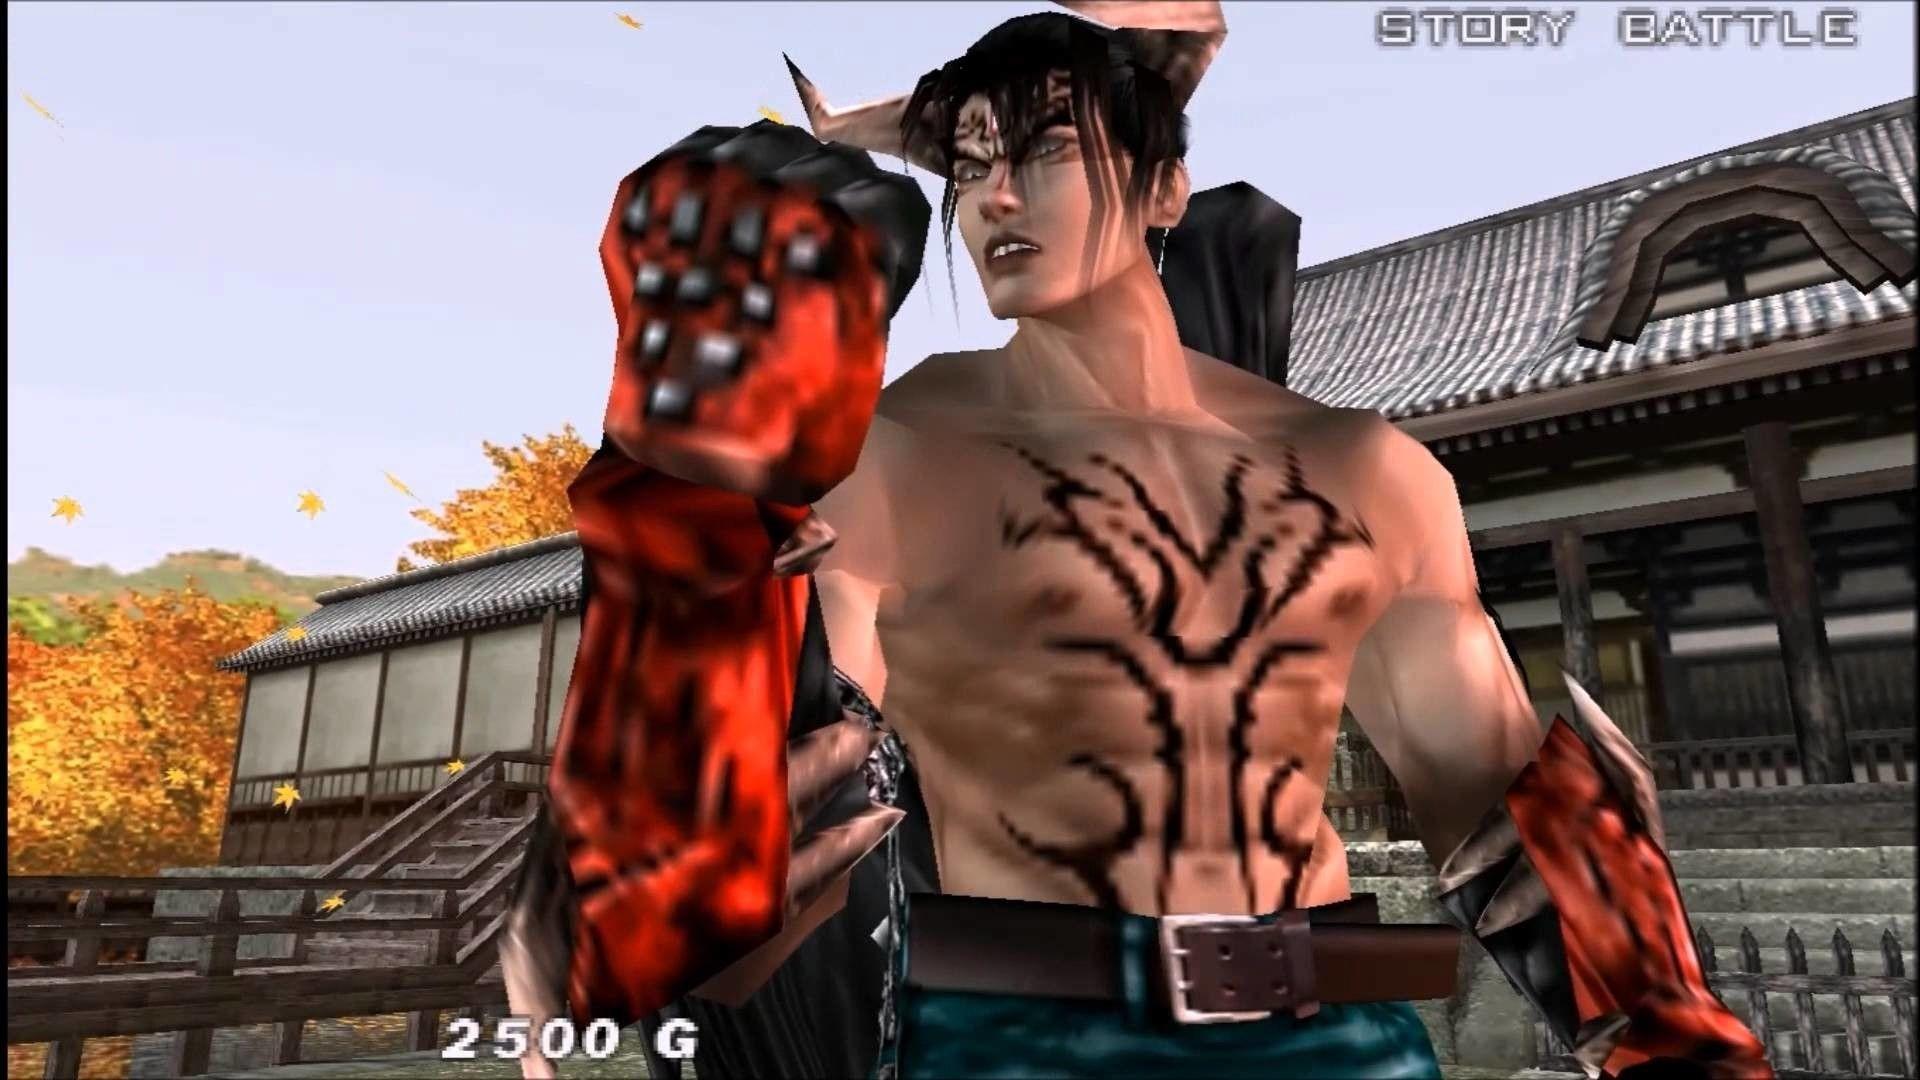 Jin Kazama Tekken 4 Wallpaper Posted By Michelle Anderson